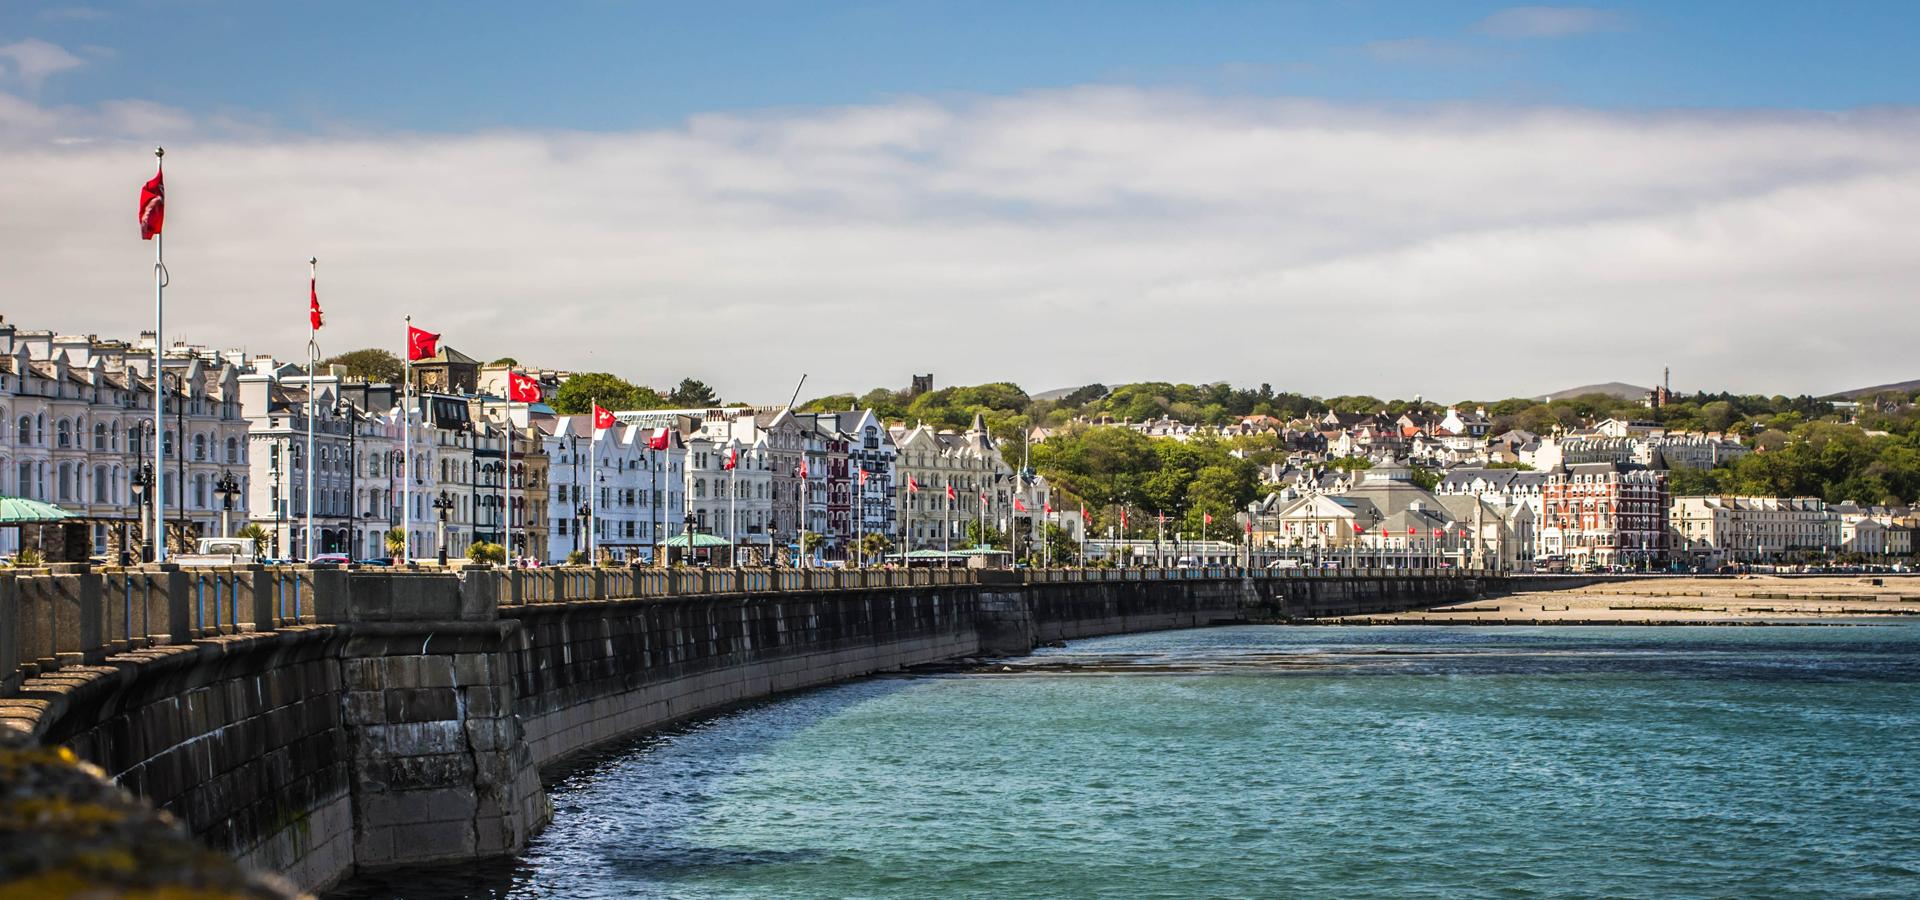 Peer-to-peer advisory in Isle of Man, Great Britain